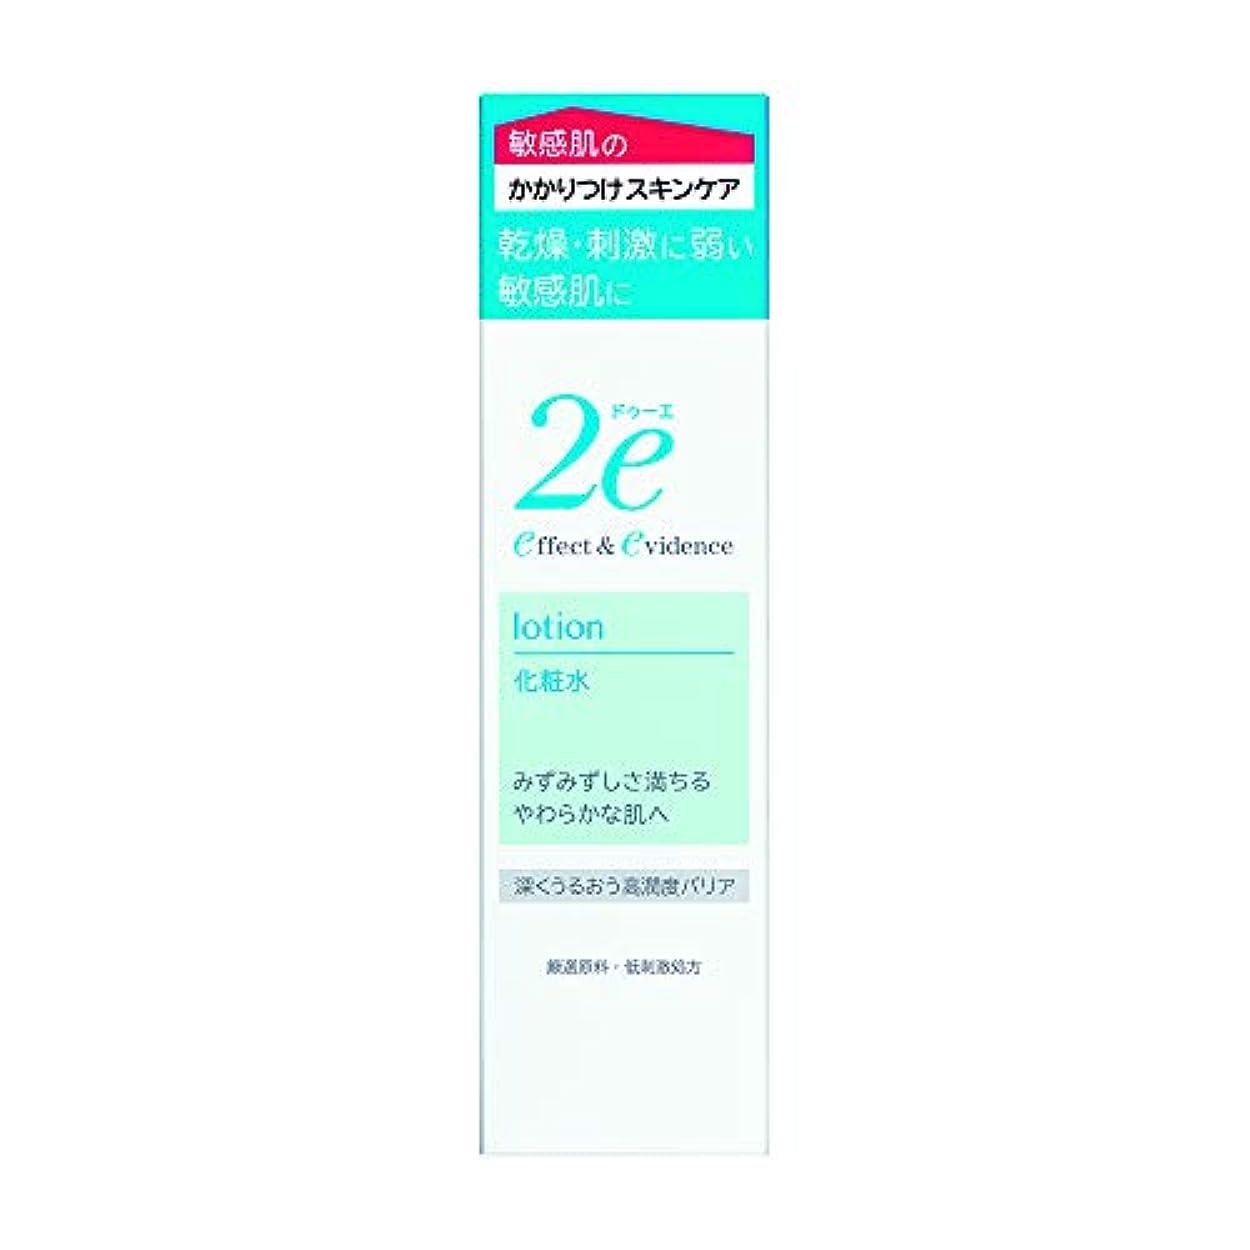 隣接するやめる打ち負かす2e(ドゥーエ) 化粧水 敏感肌用 低刺激処方 深くうるおう高潤度バリア 140ml